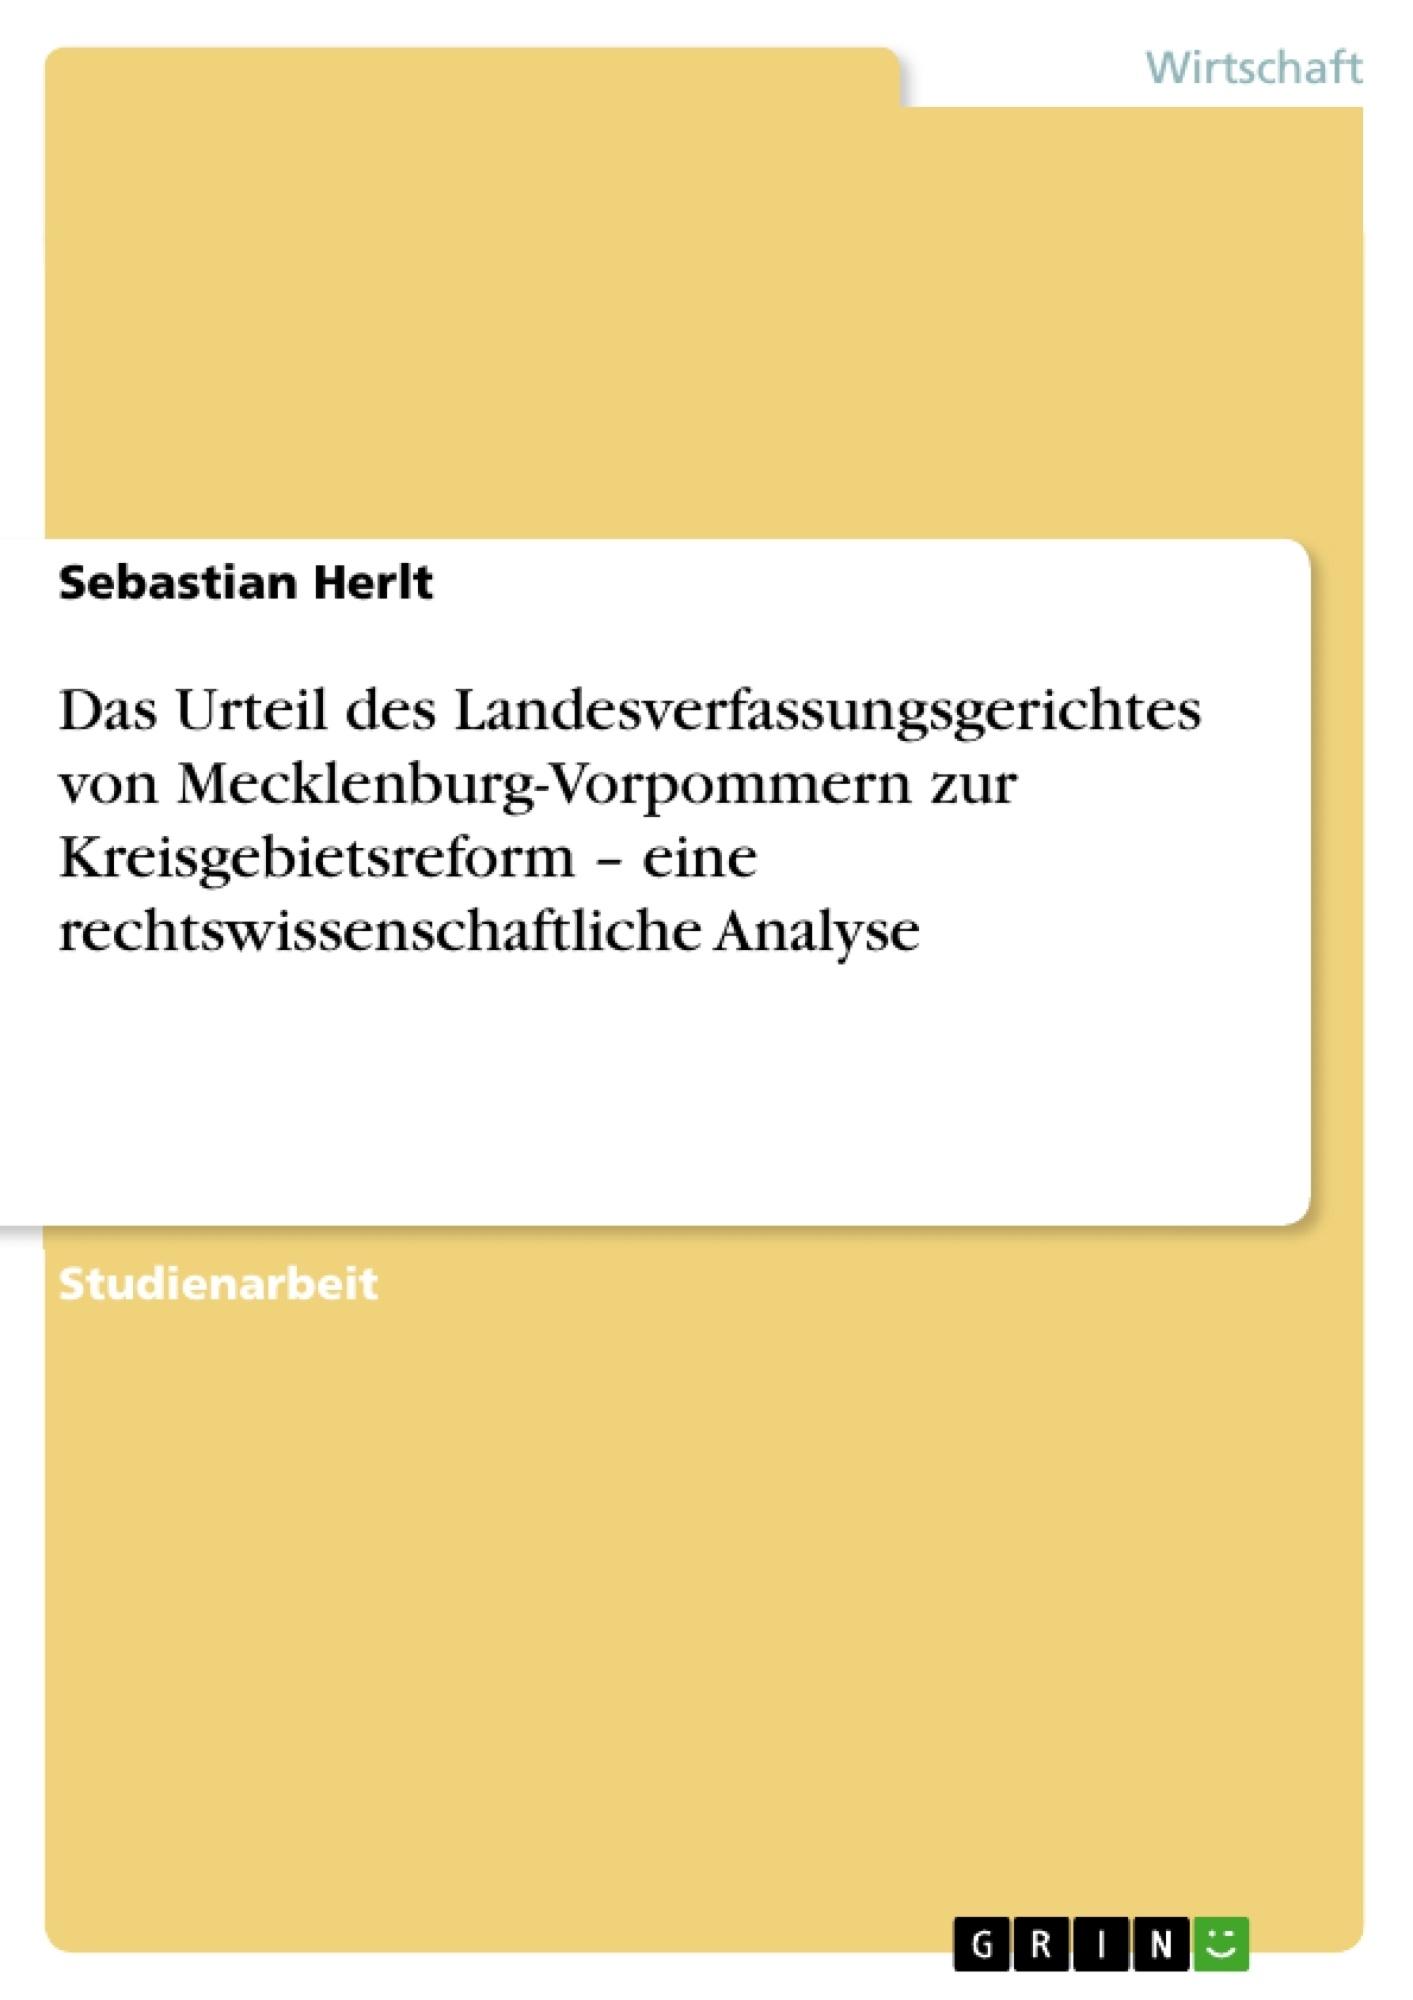 Titel: Das Urteil des Landesverfassungsgerichtes von Mecklenburg-Vorpommern zur Kreisgebietsreform – eine rechtswissenschaftliche Analyse